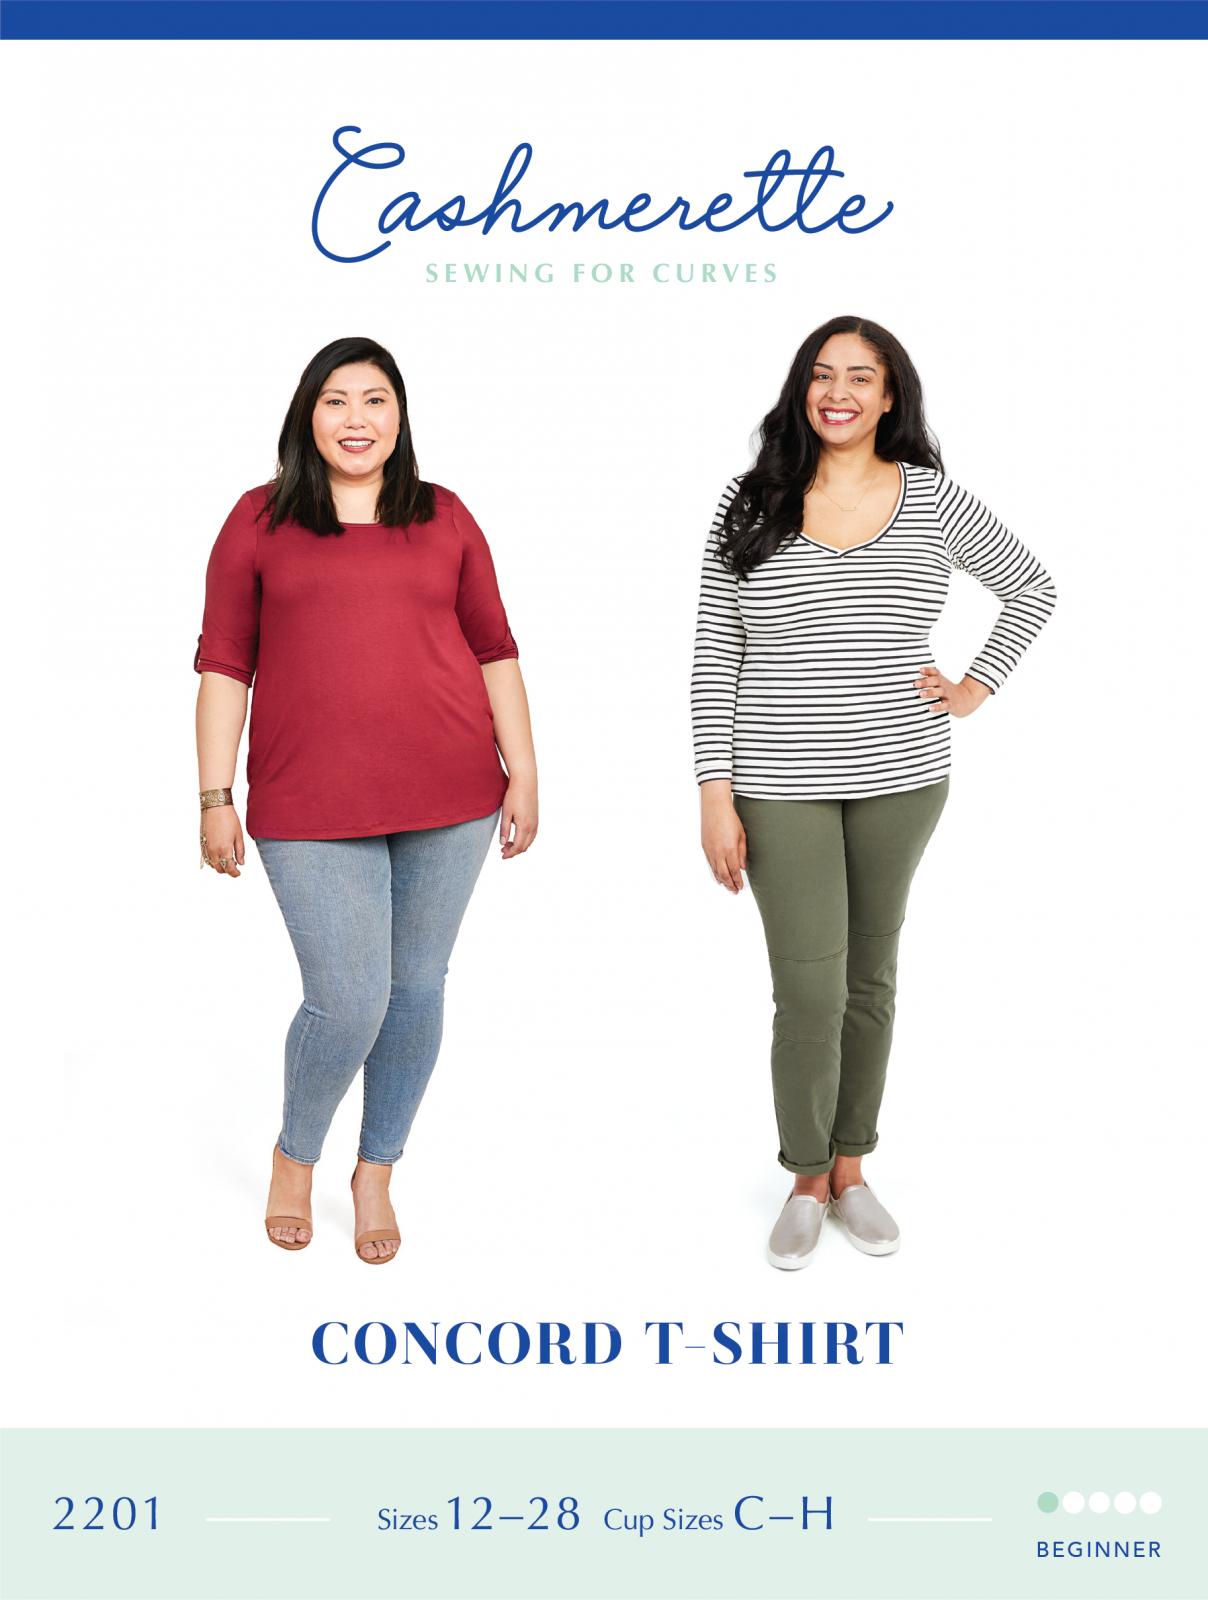 Concord Top - Cashmerette